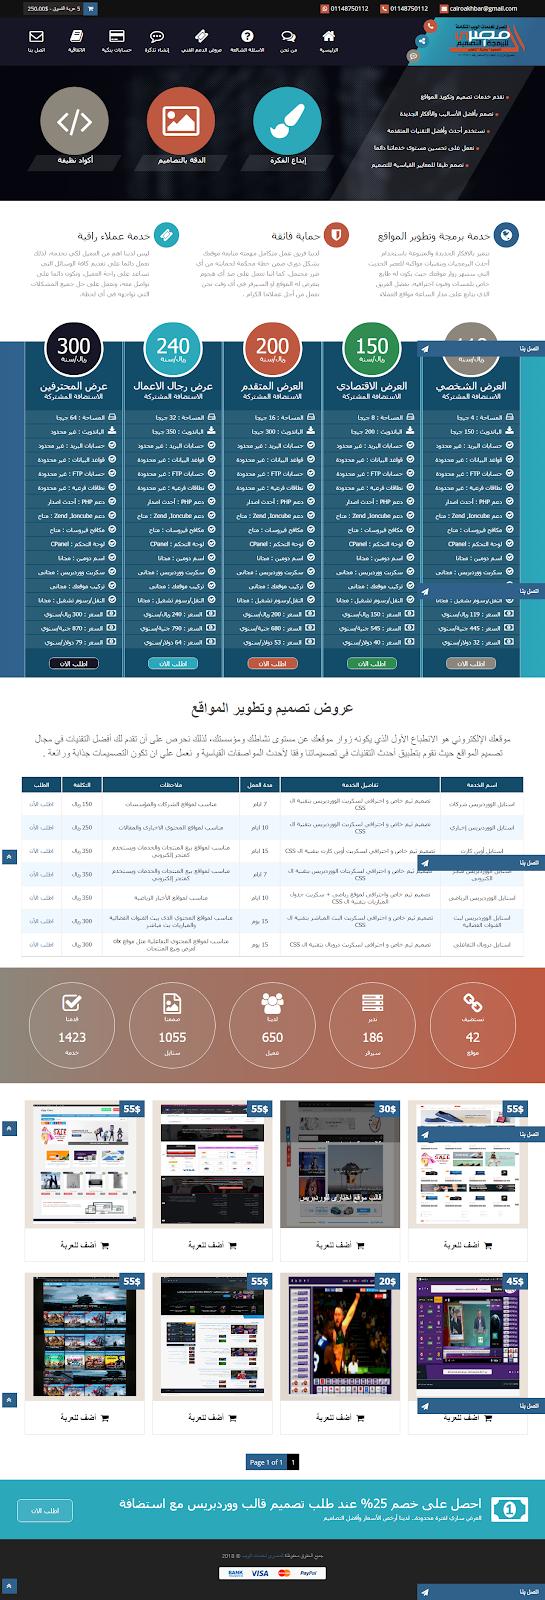 قالب بلوجر لشركة استضافة وخدمات انترنت